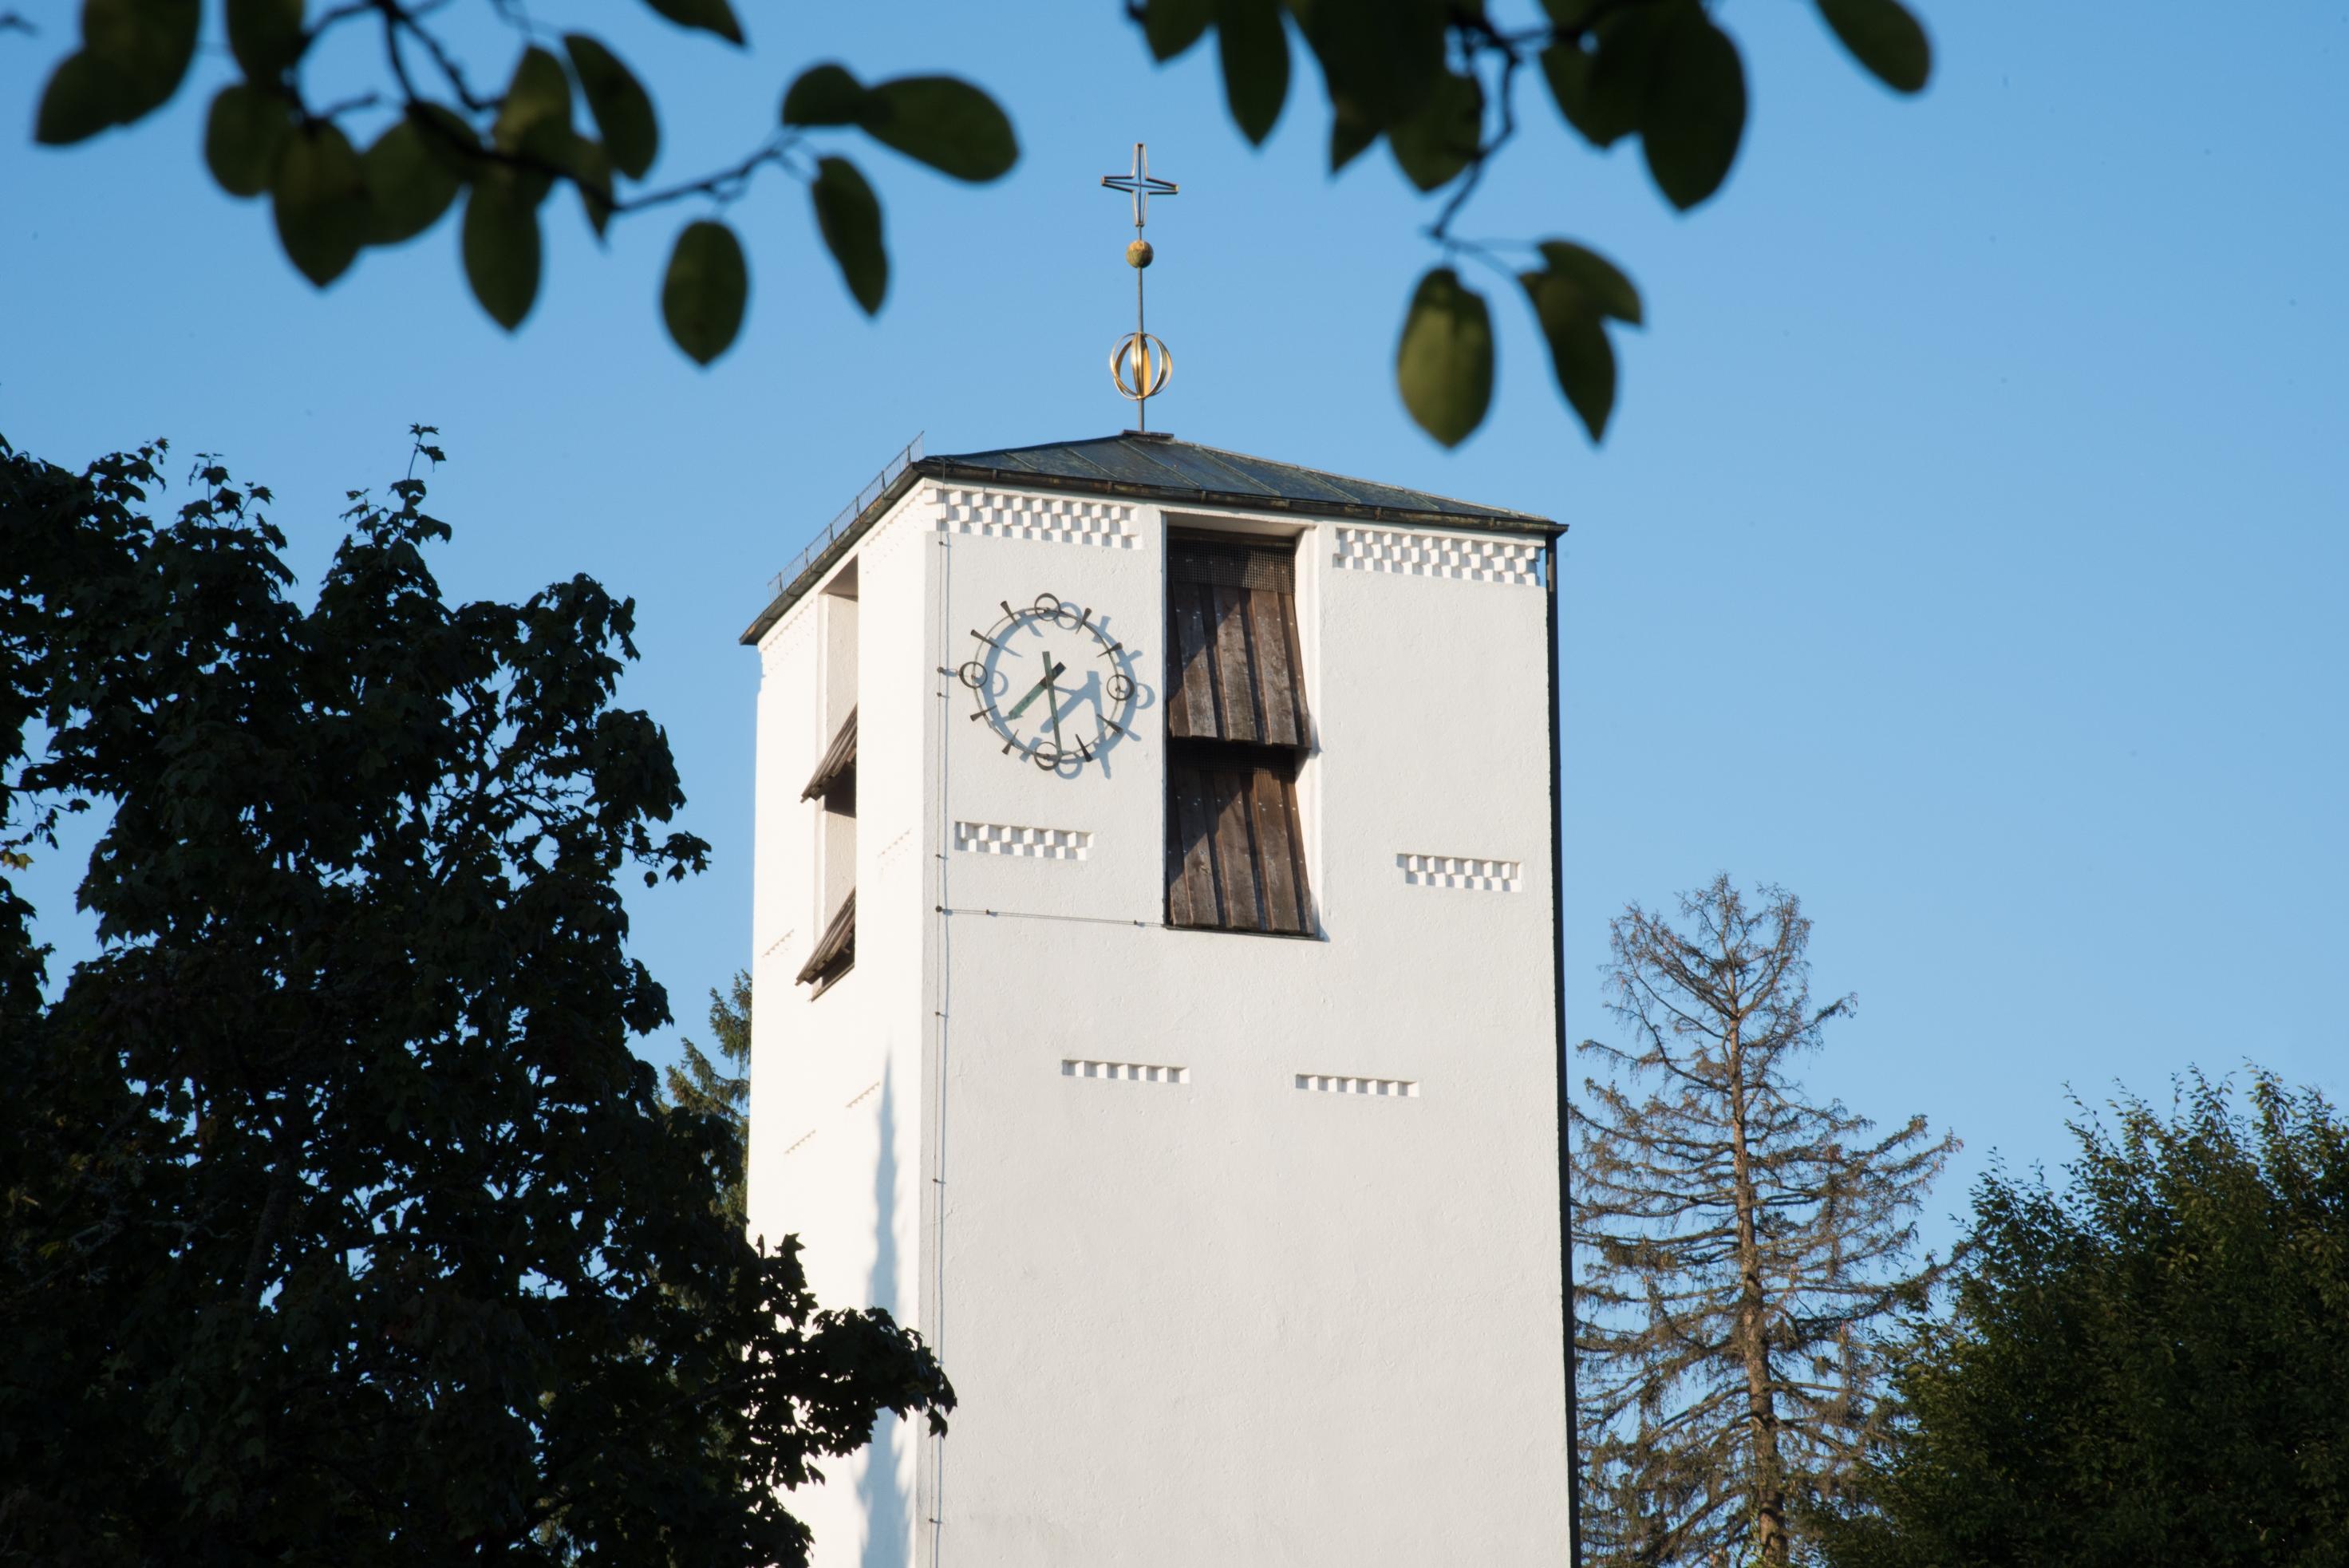 Turm von Maria Königin